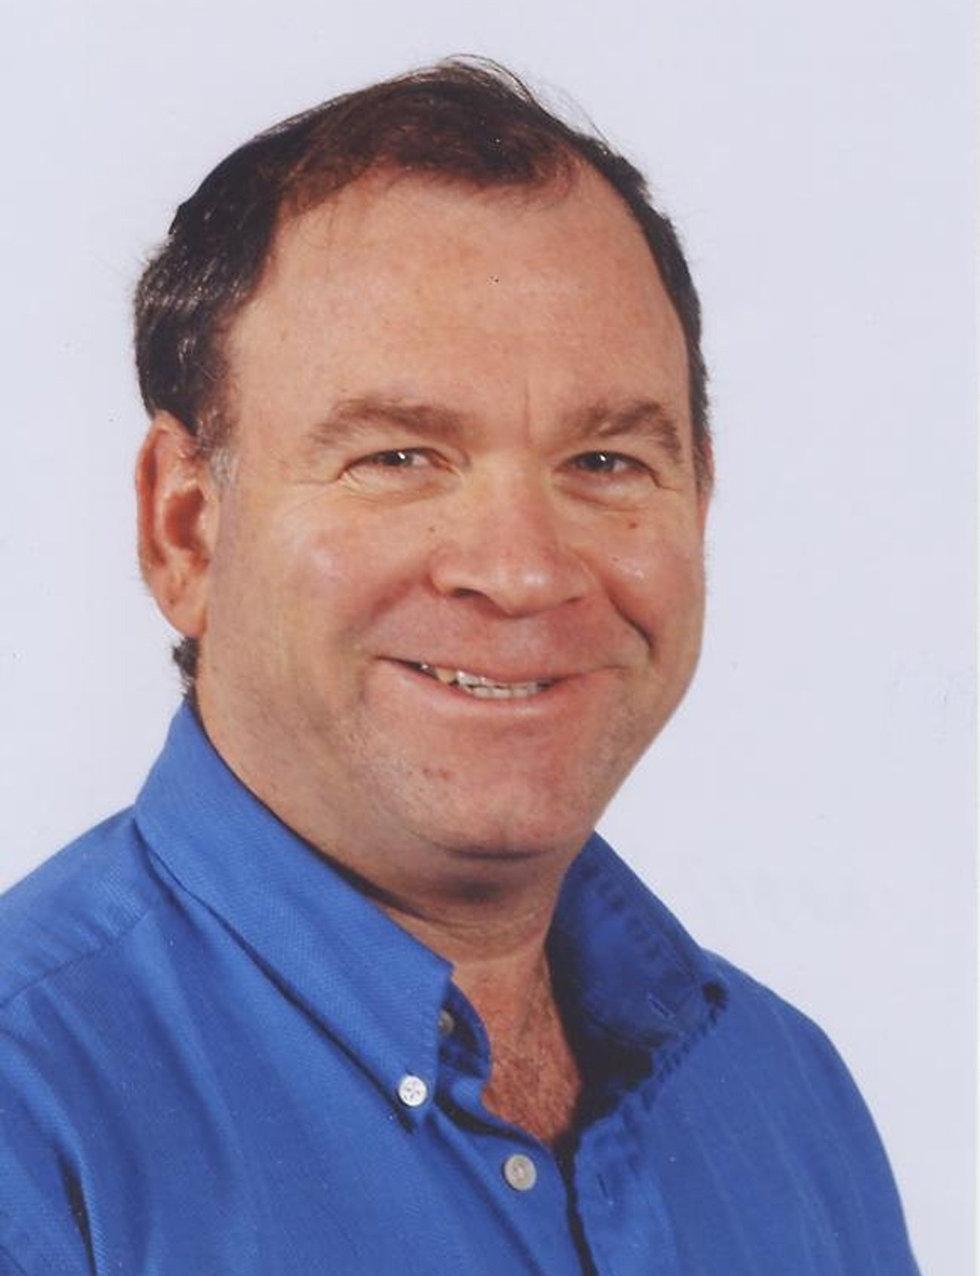 אלכס לובוצקי (צילום: האוניברסיטה העברית, ארכיון ידיעות אחרונות)